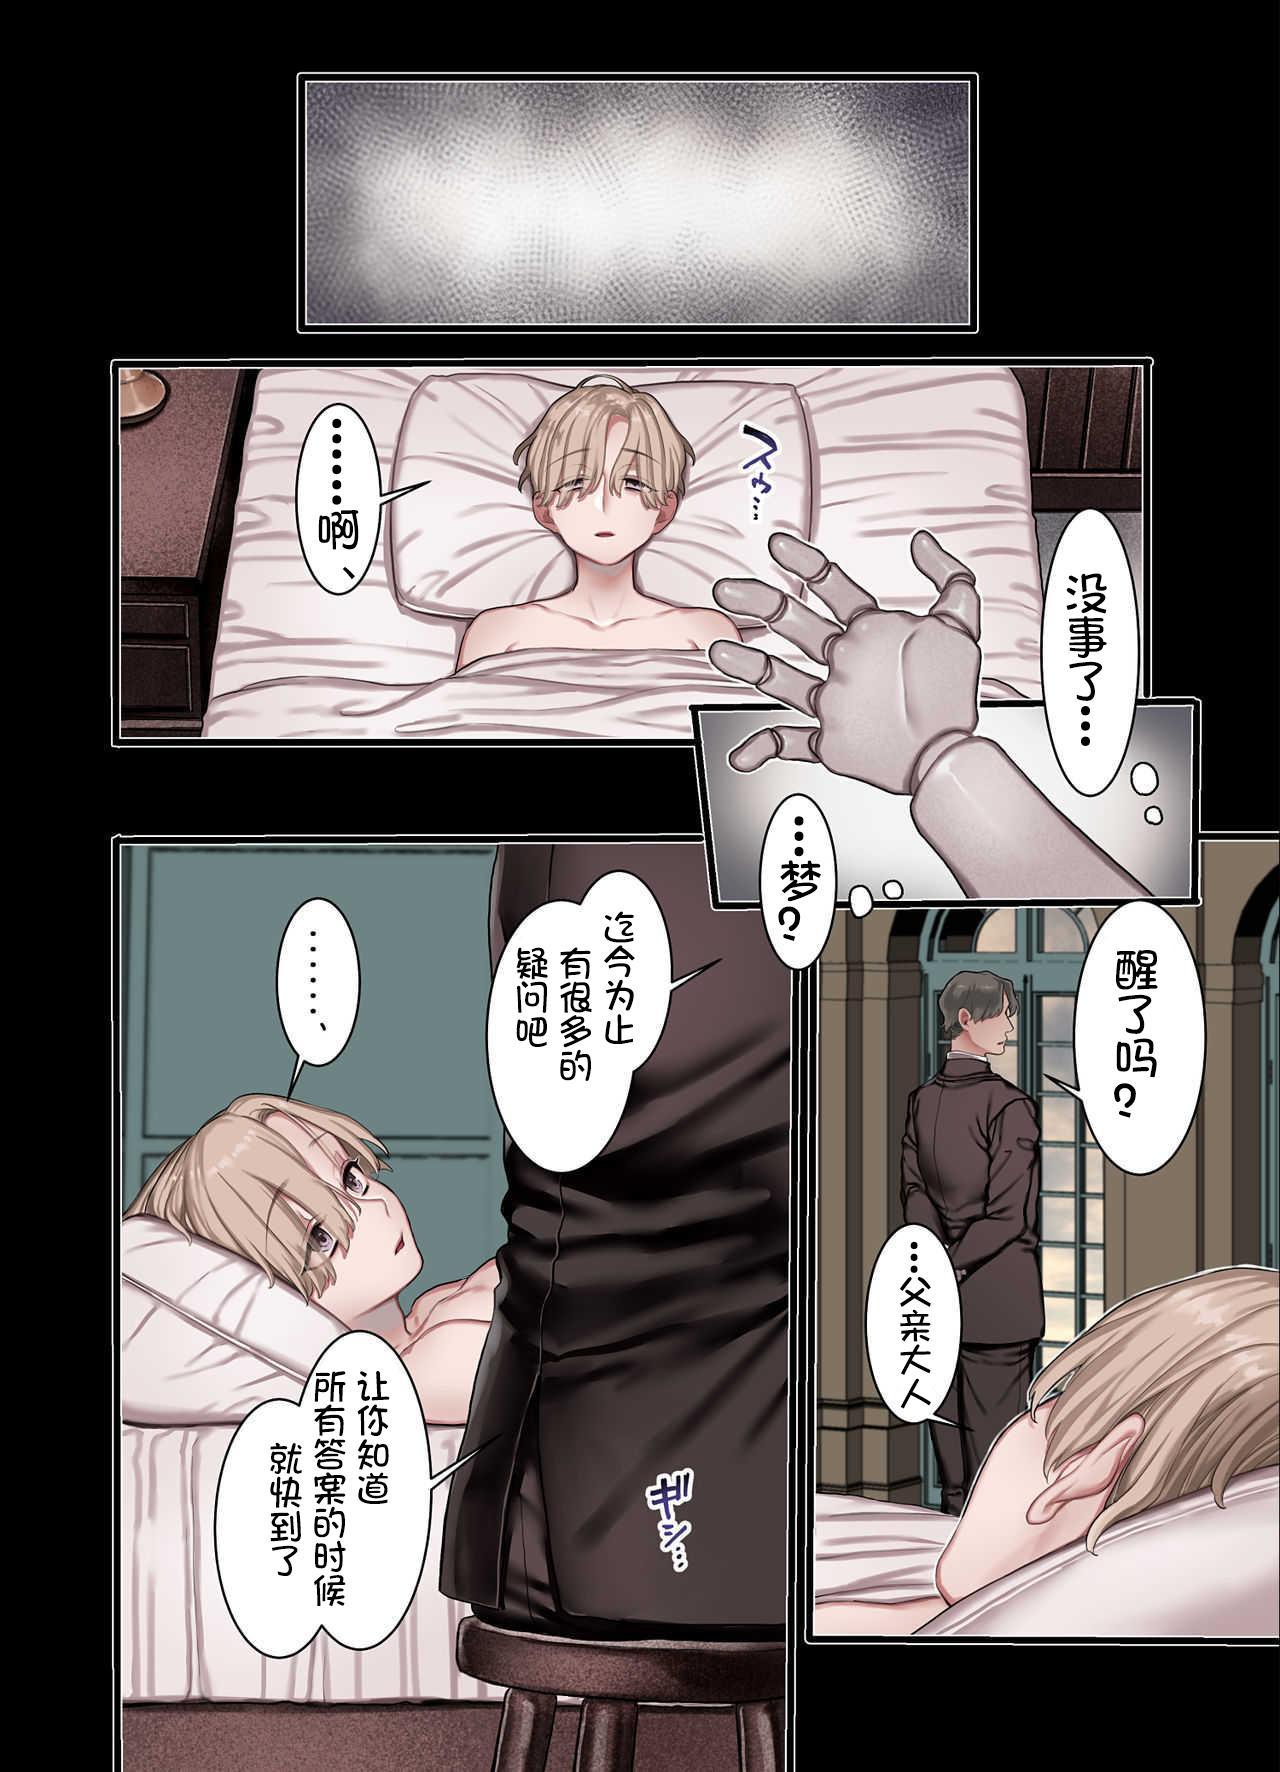 L Kyoukai to Itansha Ikka + 47